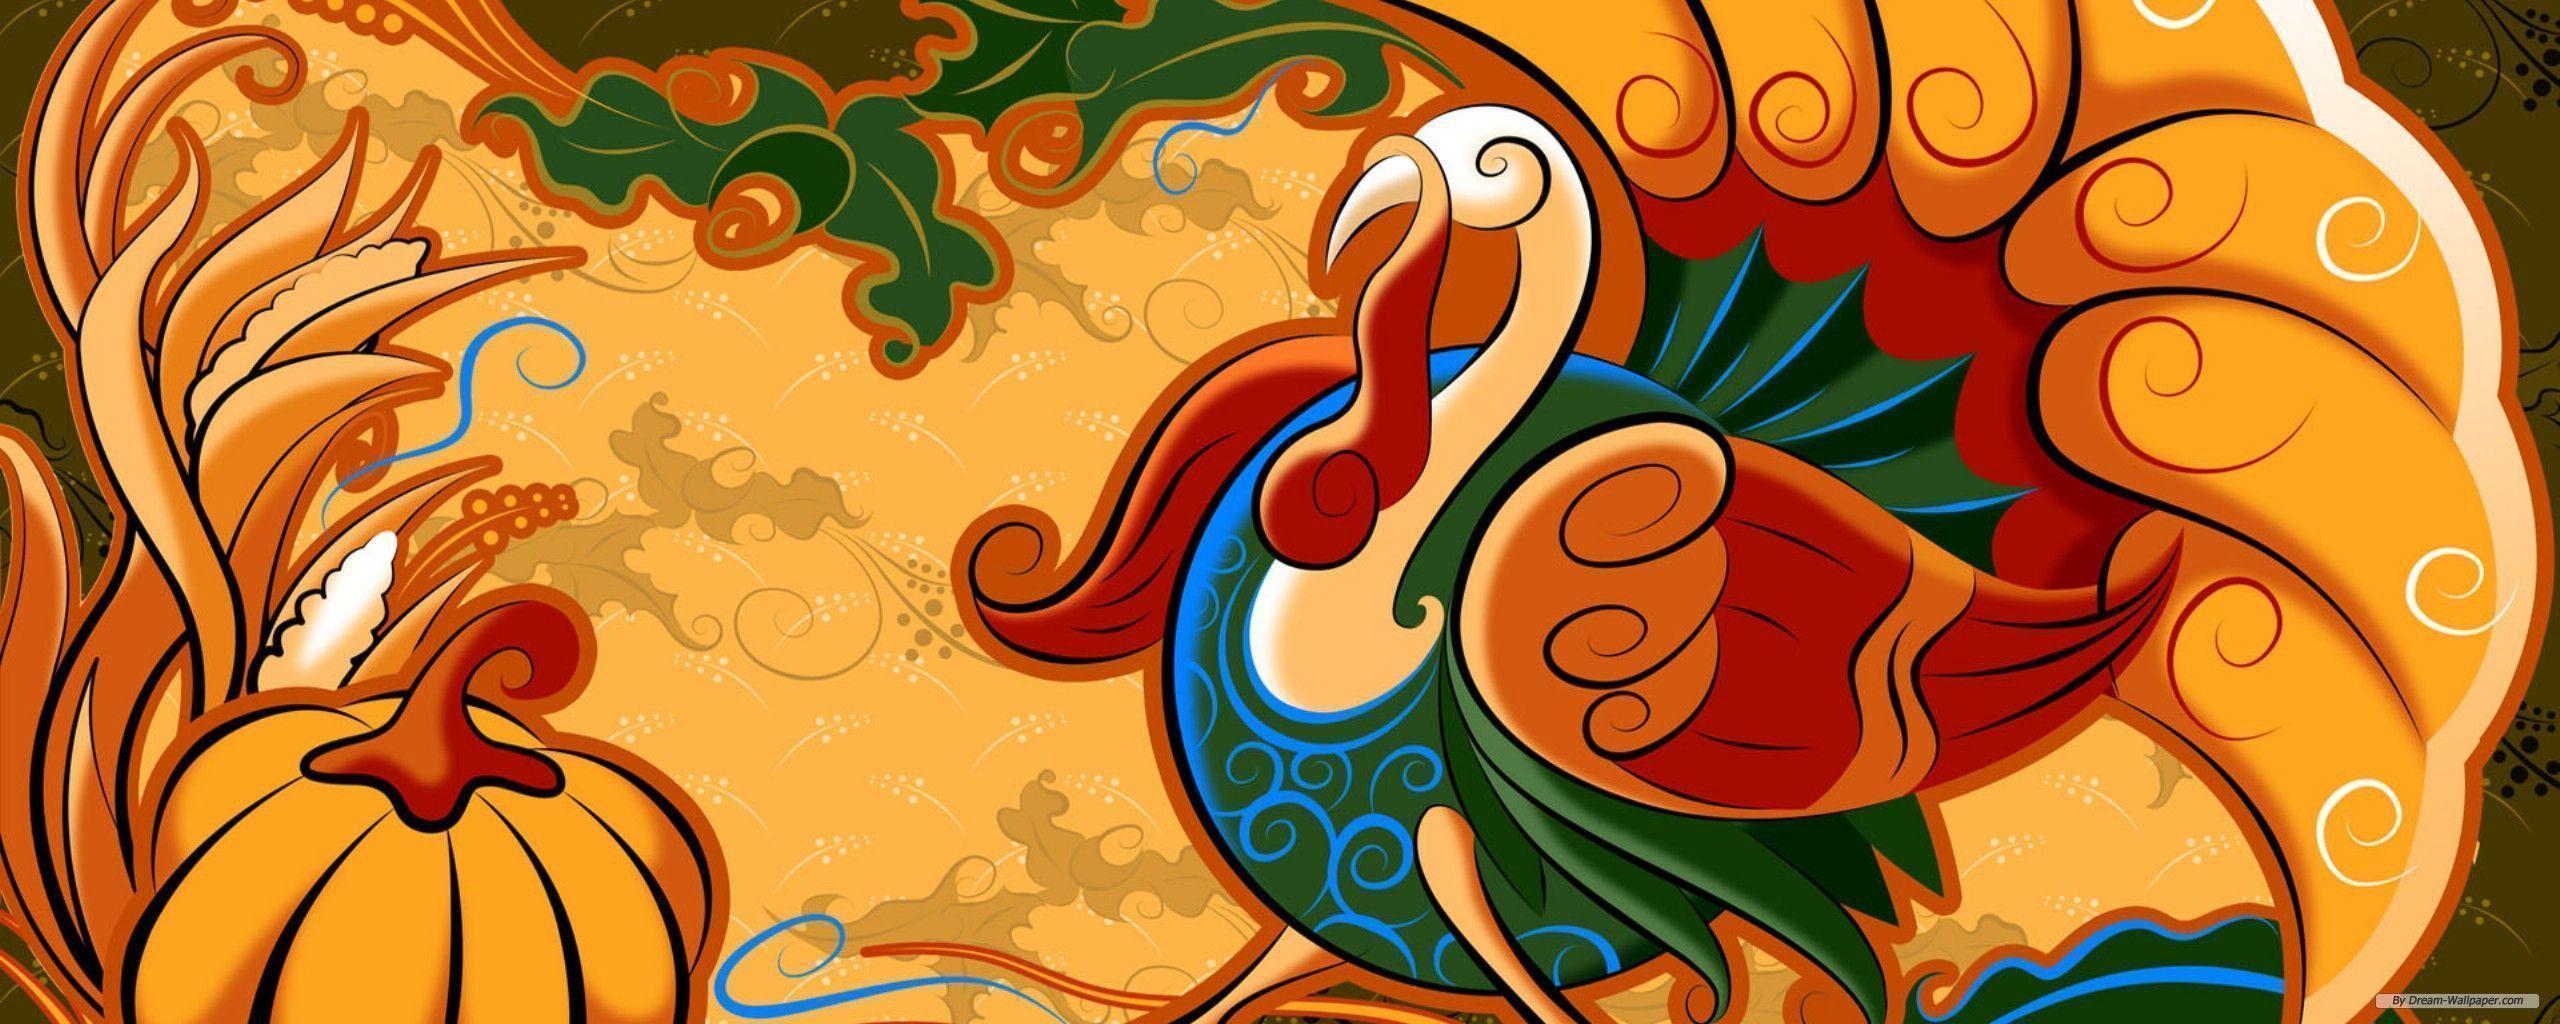 free fun thanksgiving wallpapers - photo #18